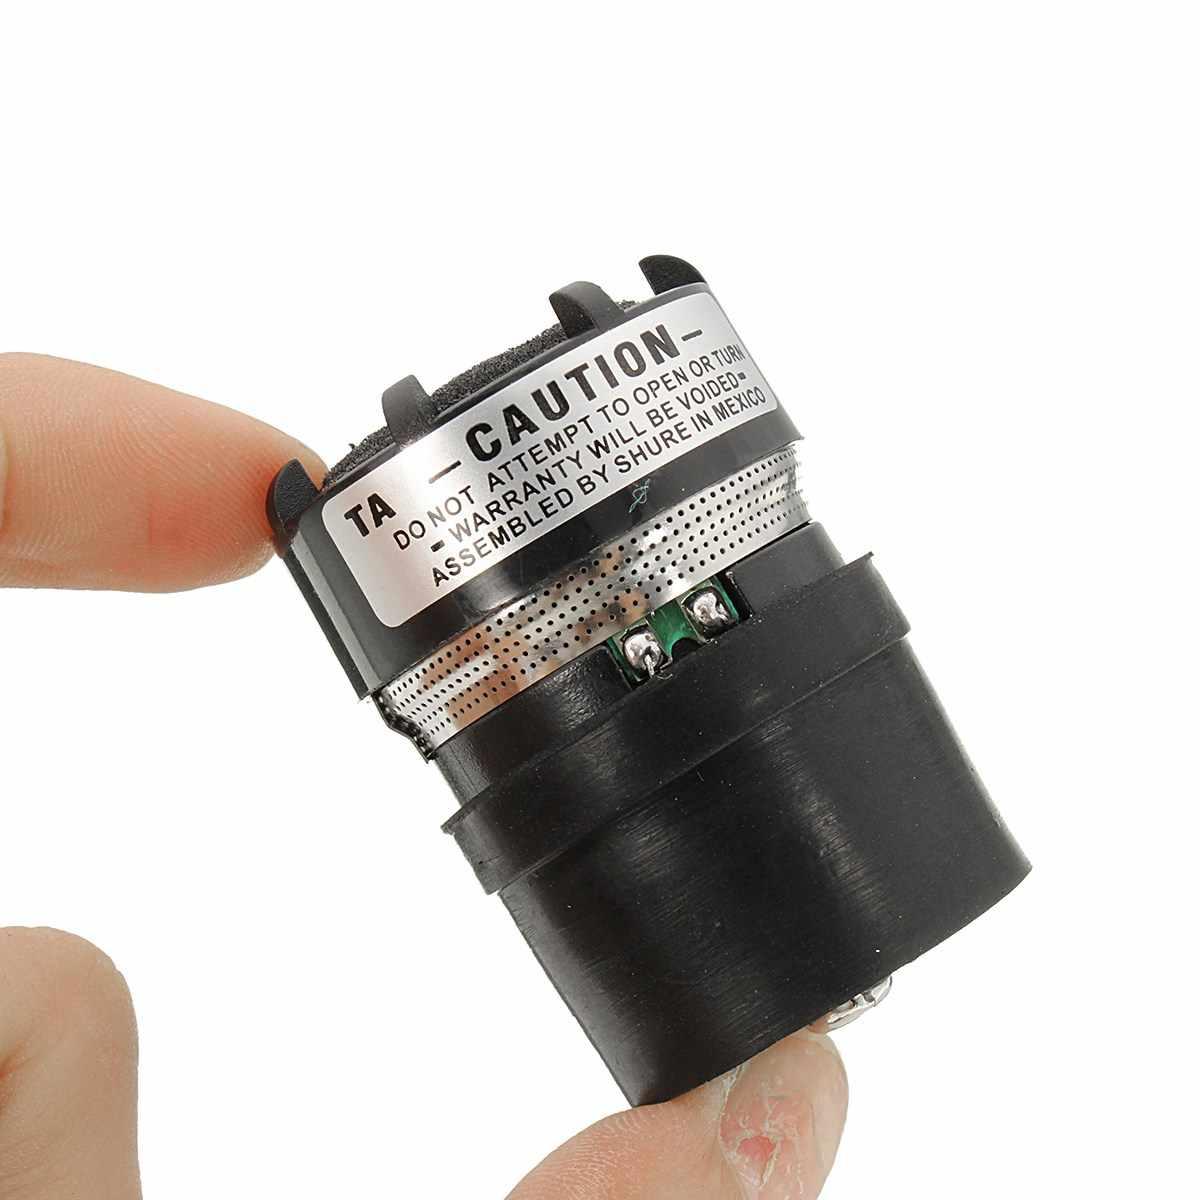 LEORY マイクカートリッジダイナミックマイクコアカプセルは、 Shure のため SM58 有線ワイヤレスマイクの修理